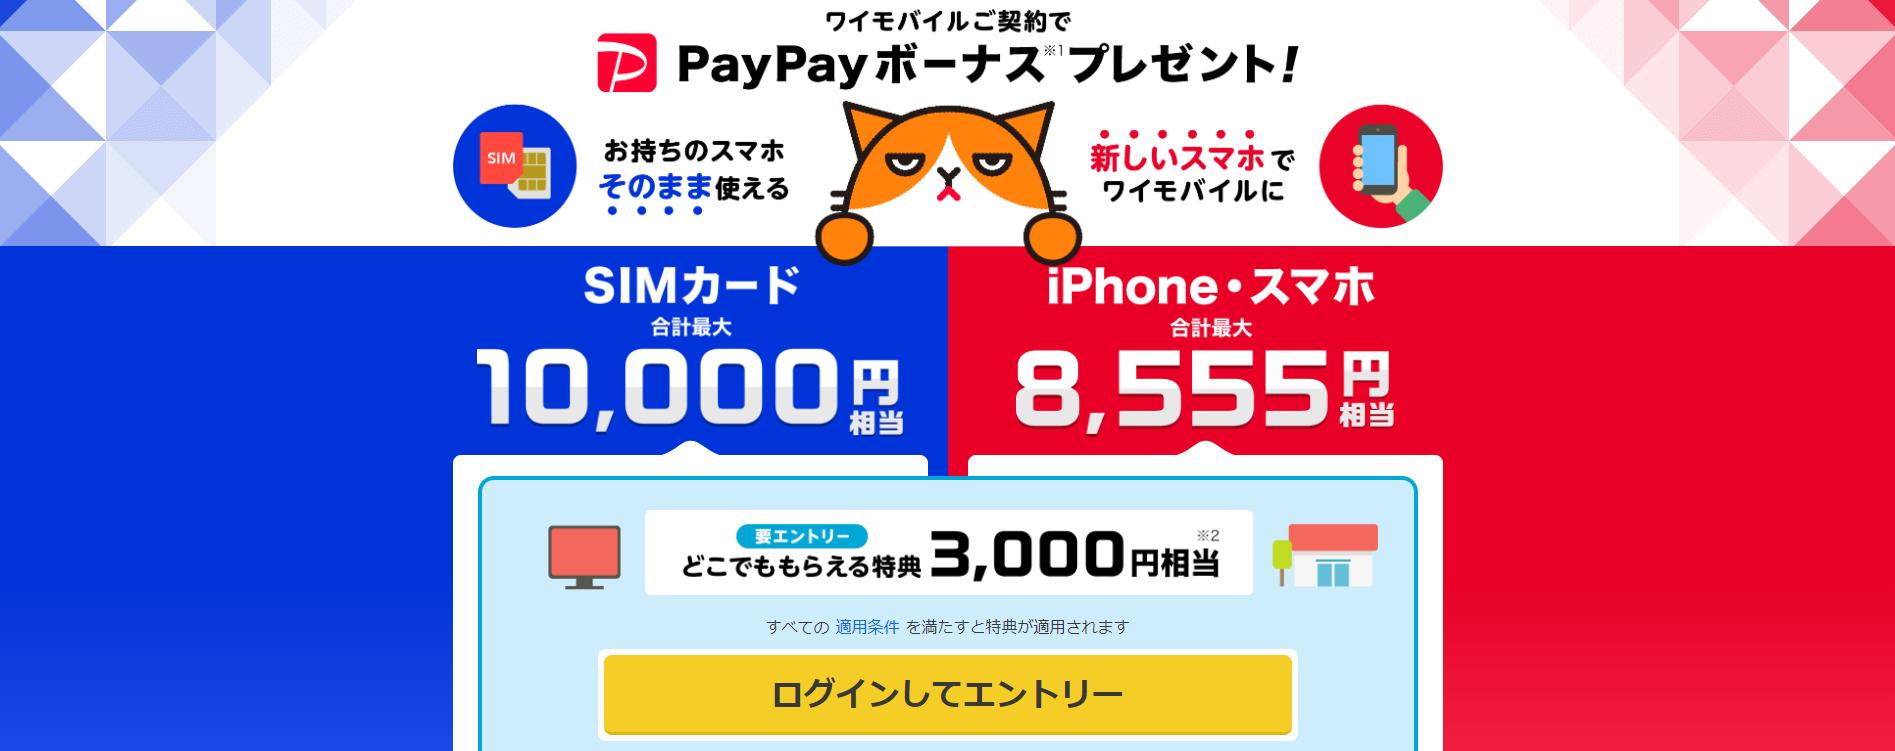 ワイモバイル_キャンペーン_PayPayボーナス